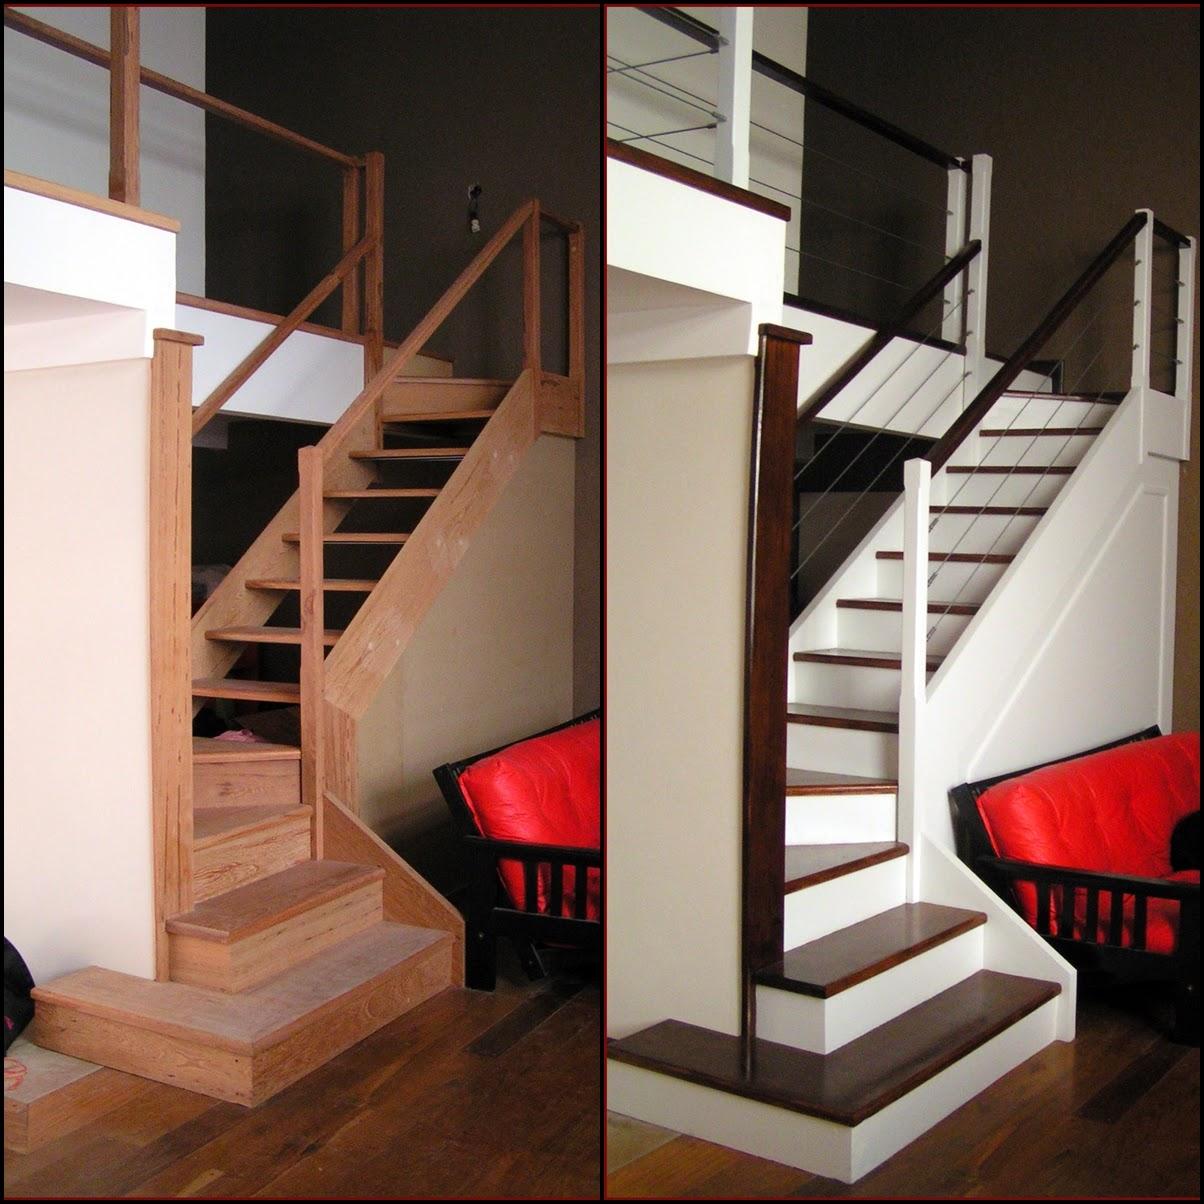 Muebles y maderas proyecto escalera en un ph final - Muebles en escalera ...